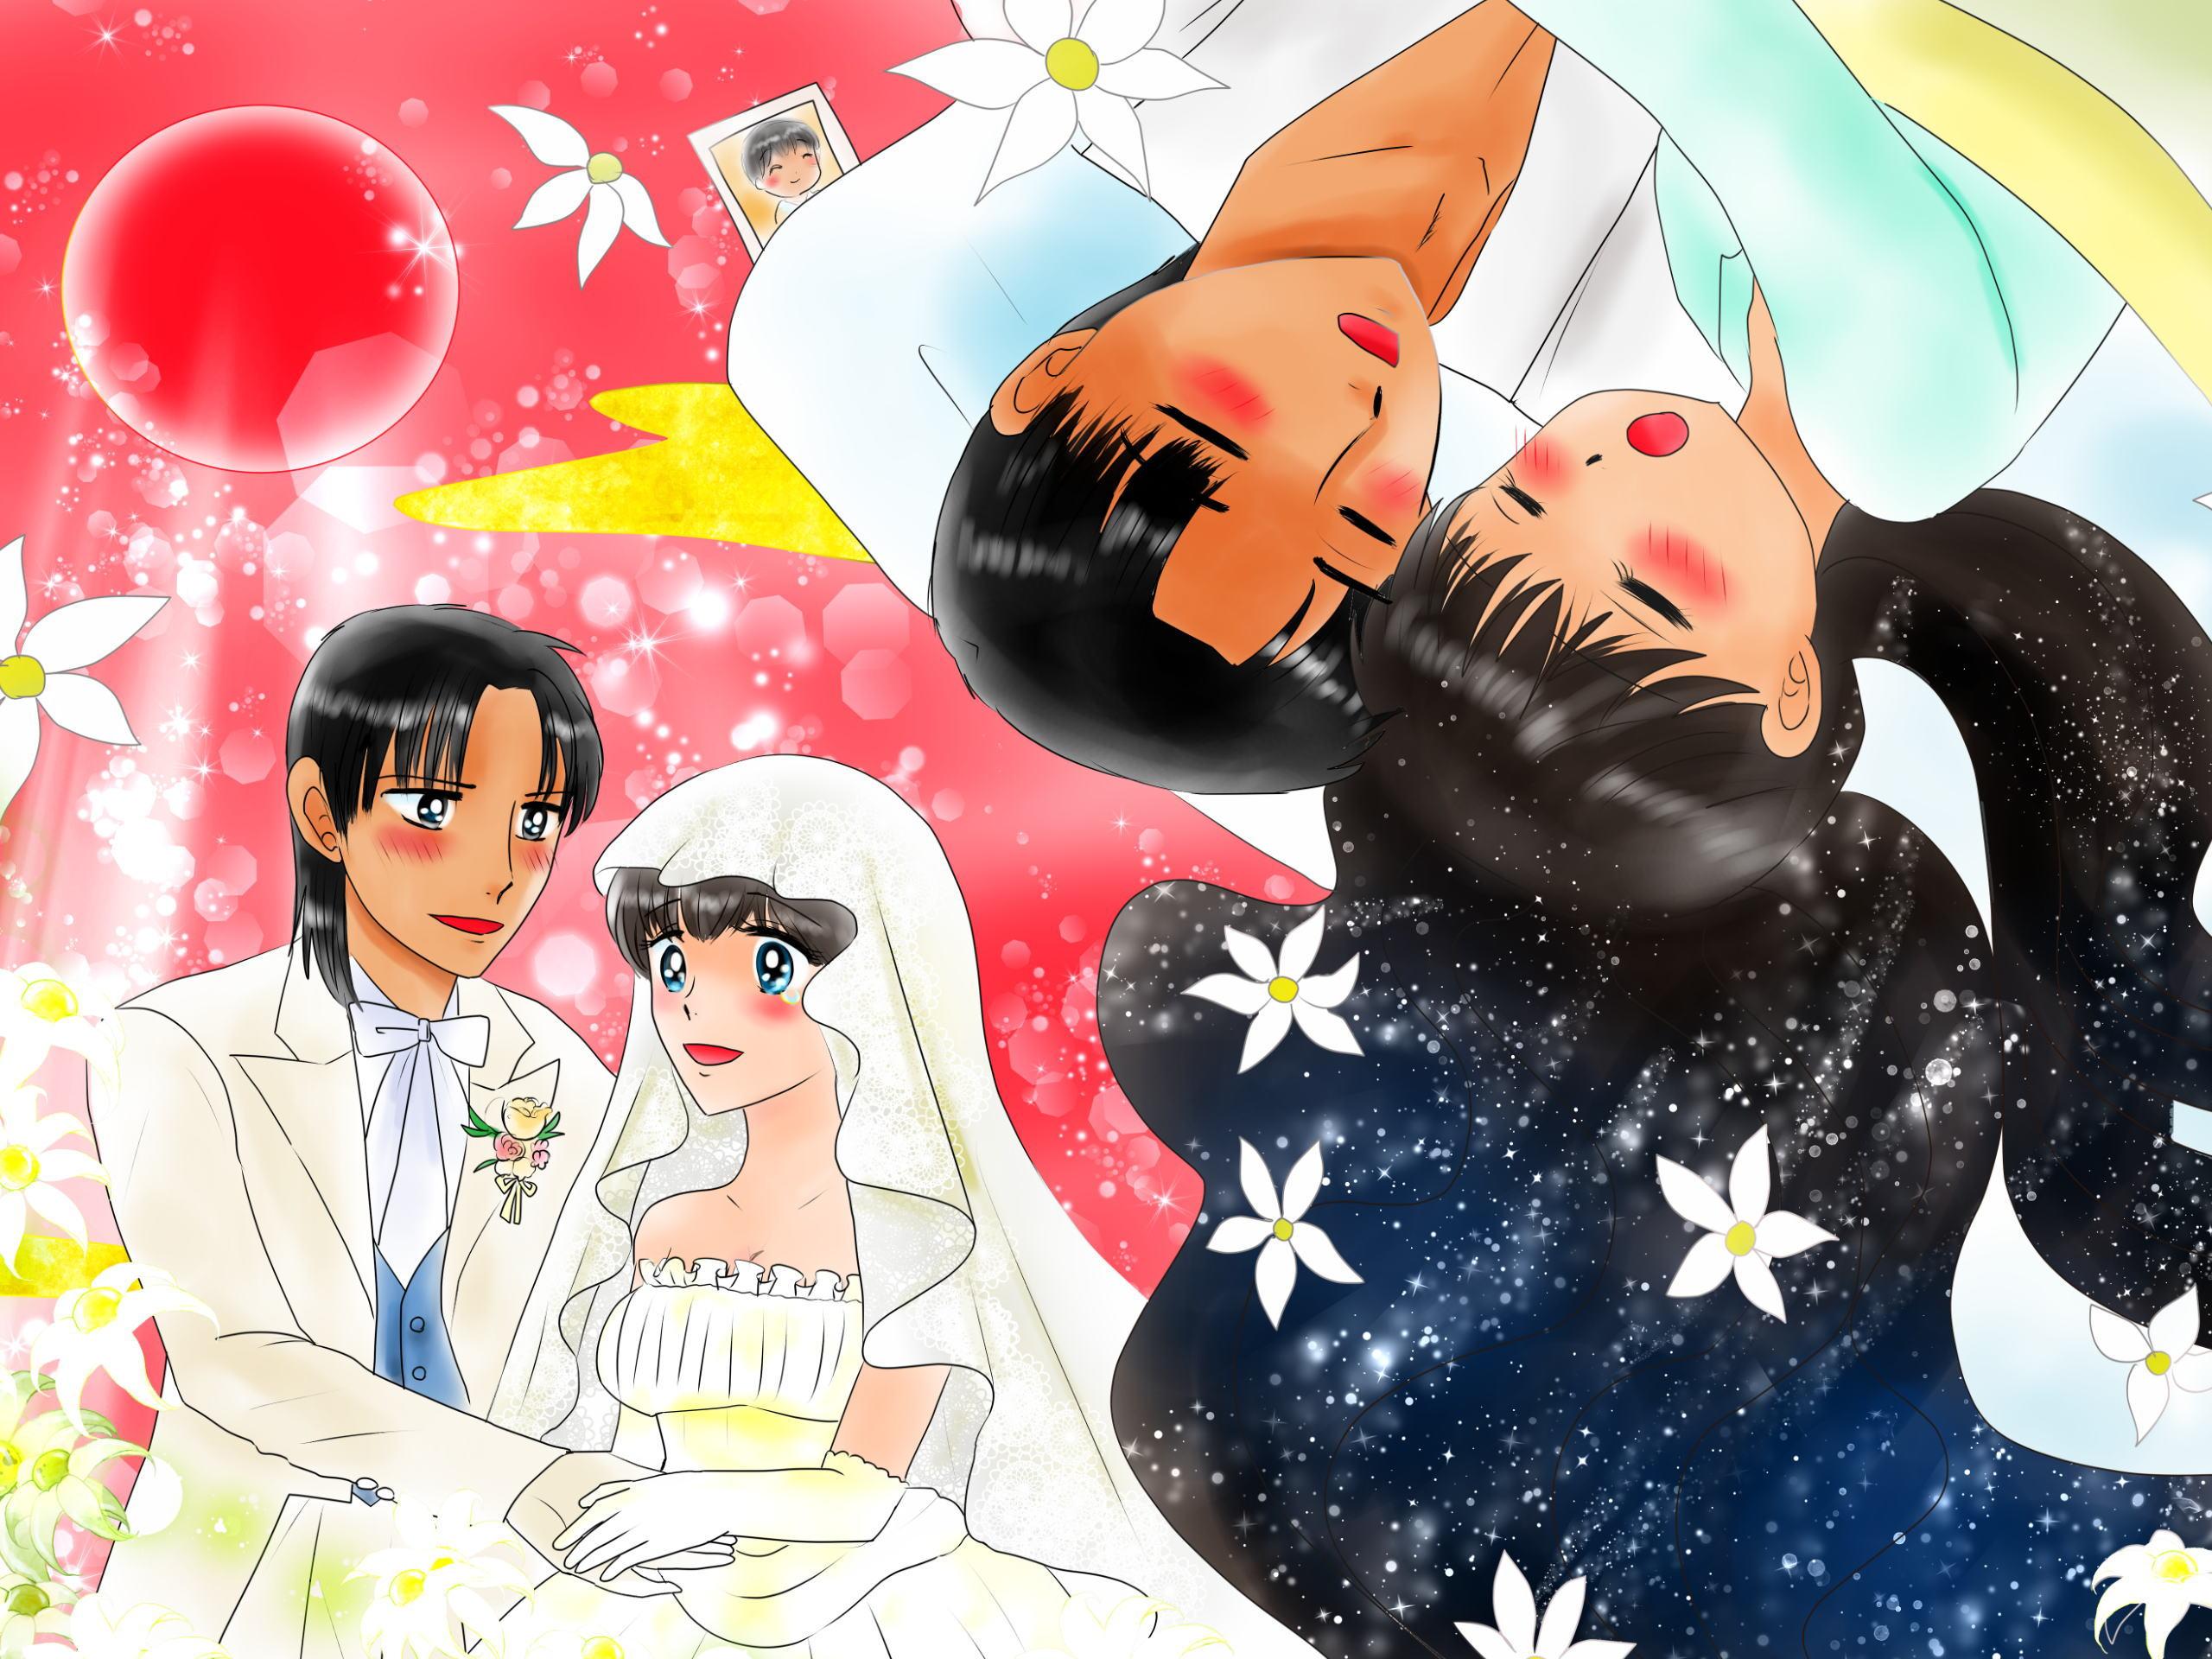 恋の魔法とおまじないカレンダー 壁紙 福娘童話集